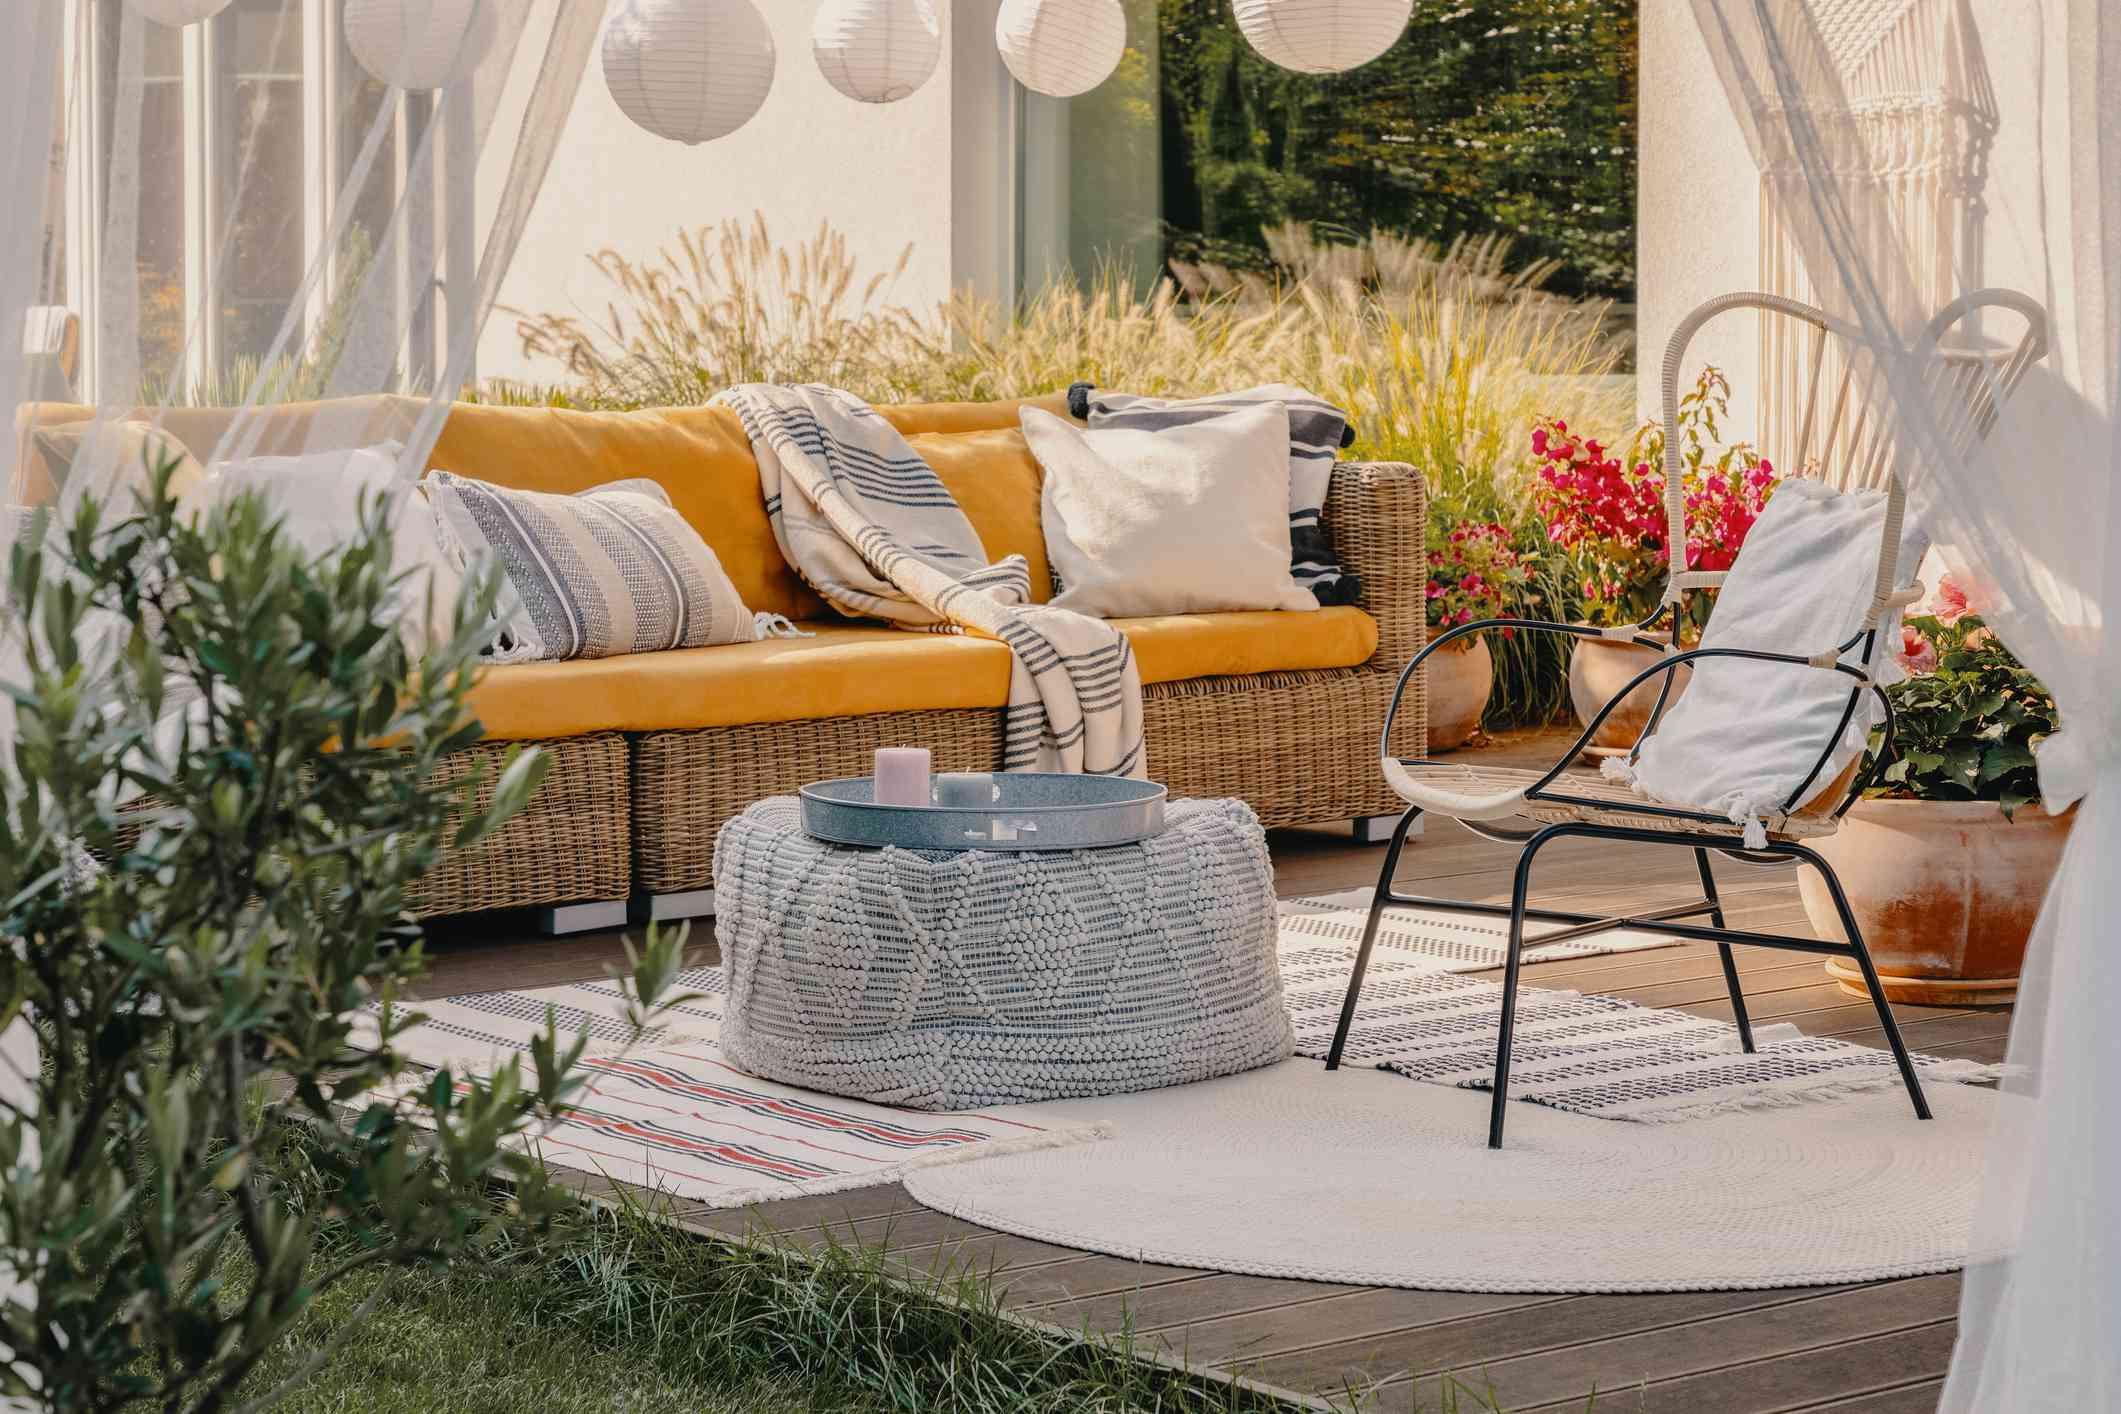 Foto real de un sillón, puf como mesa y sofá de mimbre en una terraza